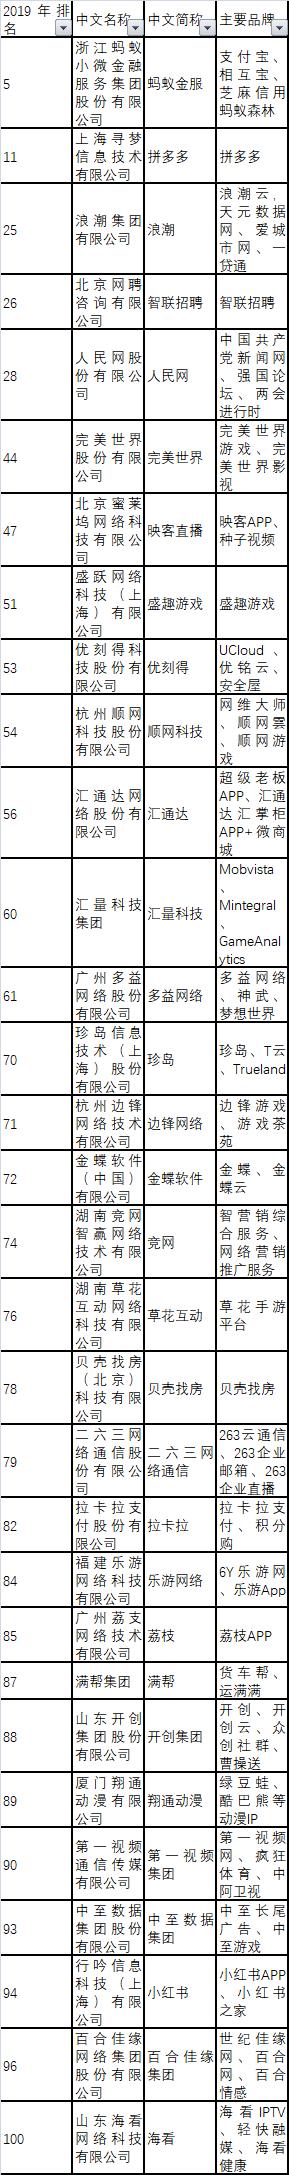 BAT蝉联互联网百强榜三甲:蚂蚁金服新上榜,搜狐跌出前十